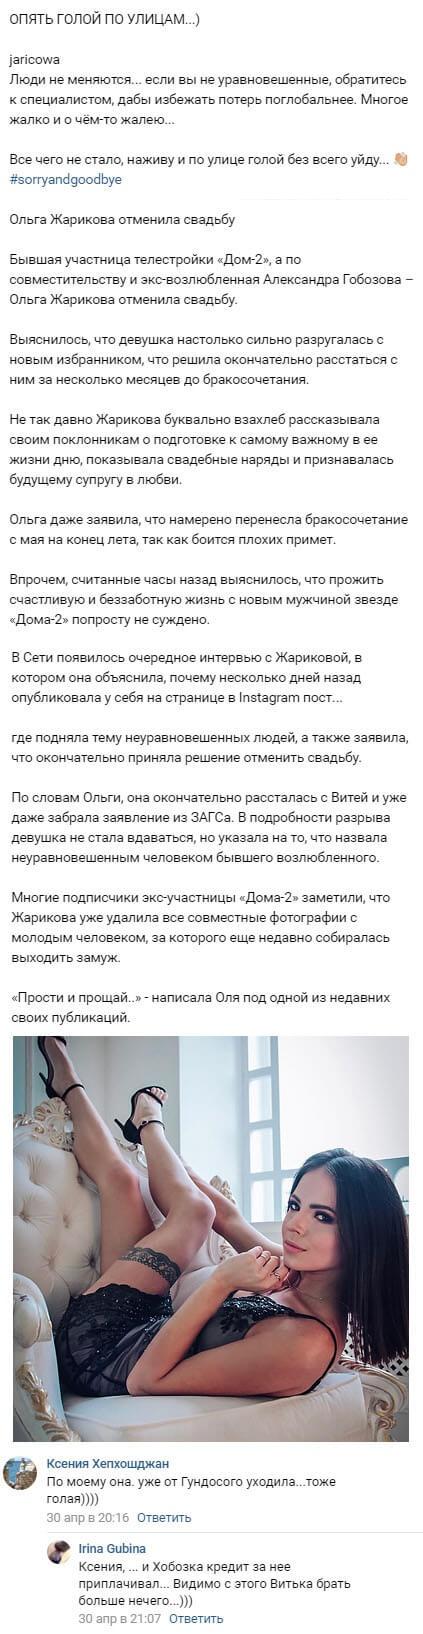 Ольга Жарикова неожиданно для многих решила отменить свадьбу